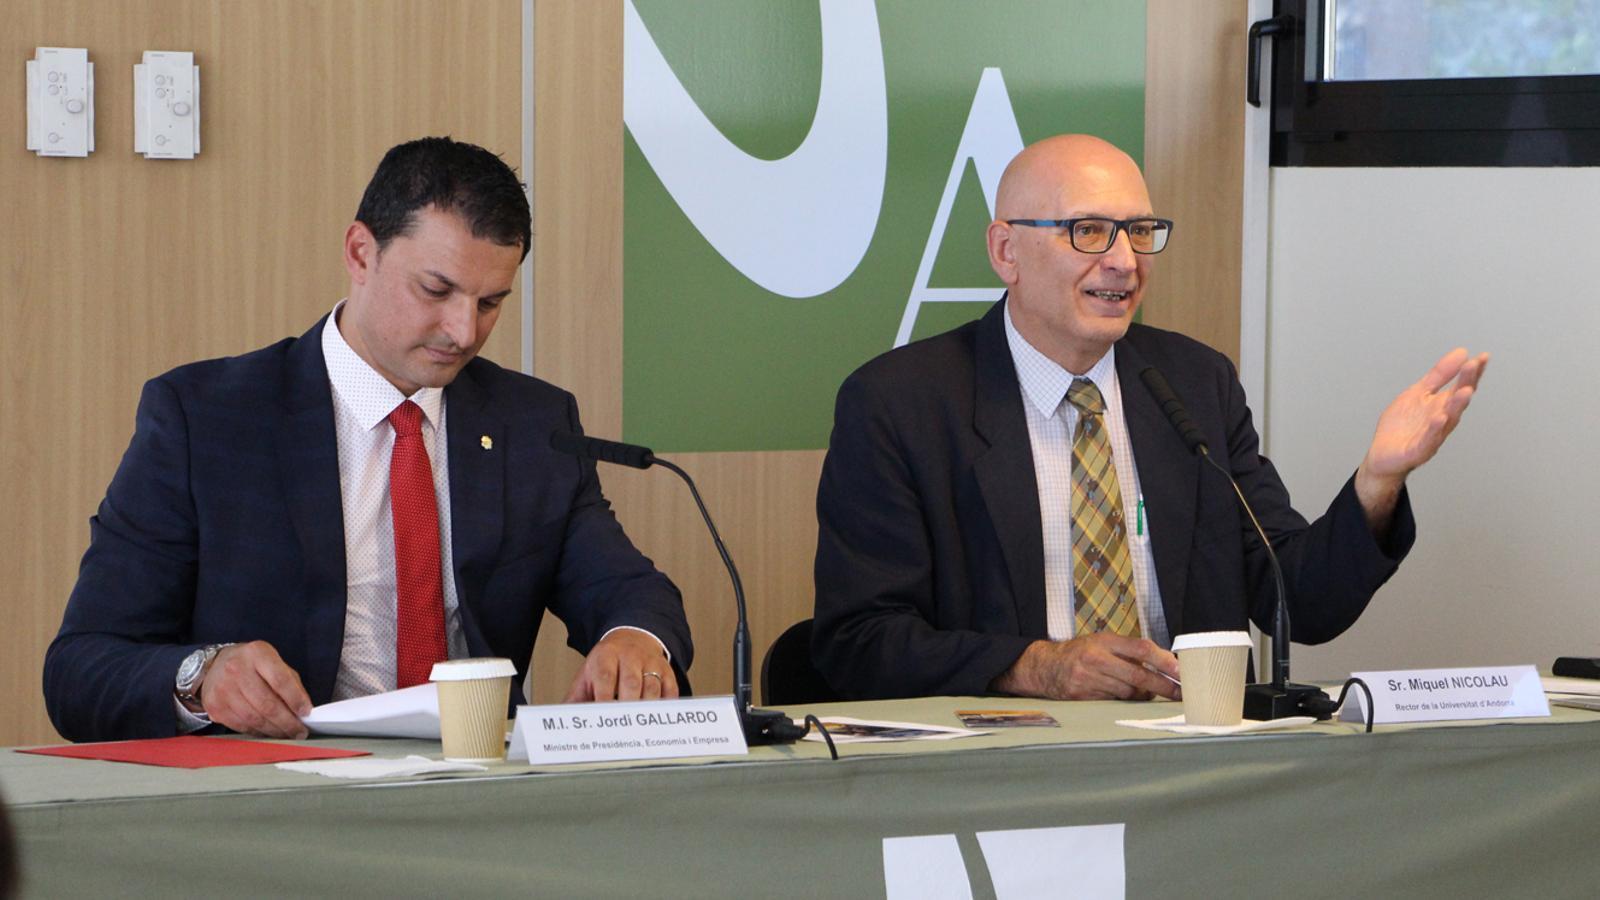 El ministre de Presidència, Economia i Empresa, Jordi Gallardo, i el rector de l'UdA, Miquel Nicolau, durant l'acte de clausura del Taller d'Emprenedors 2019. / M. P. (ANA)